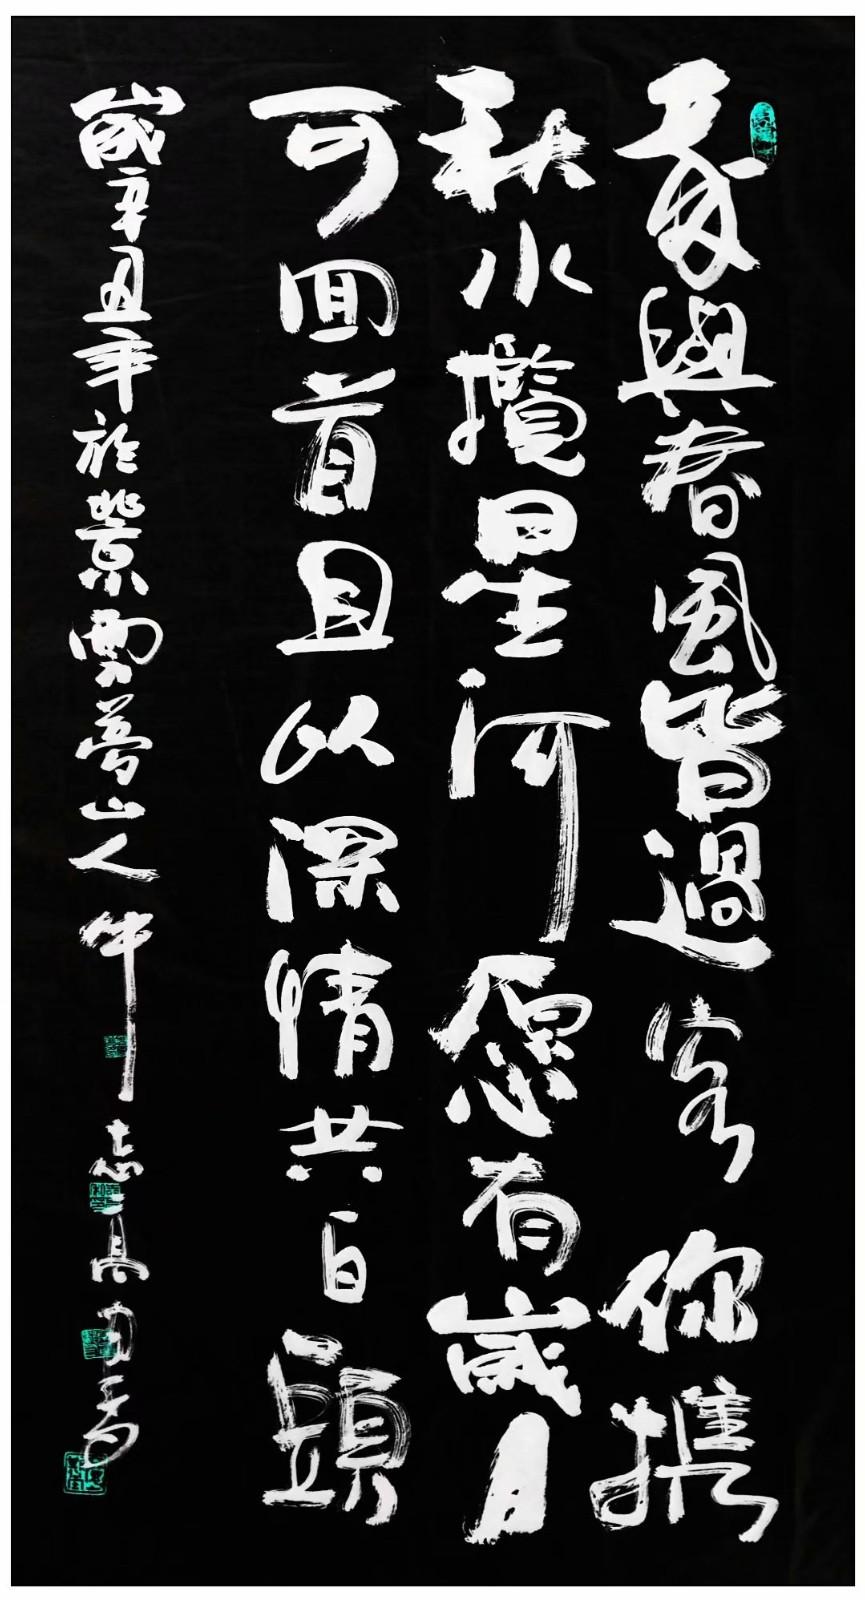 牛志高书法2021.04.04_图1-2